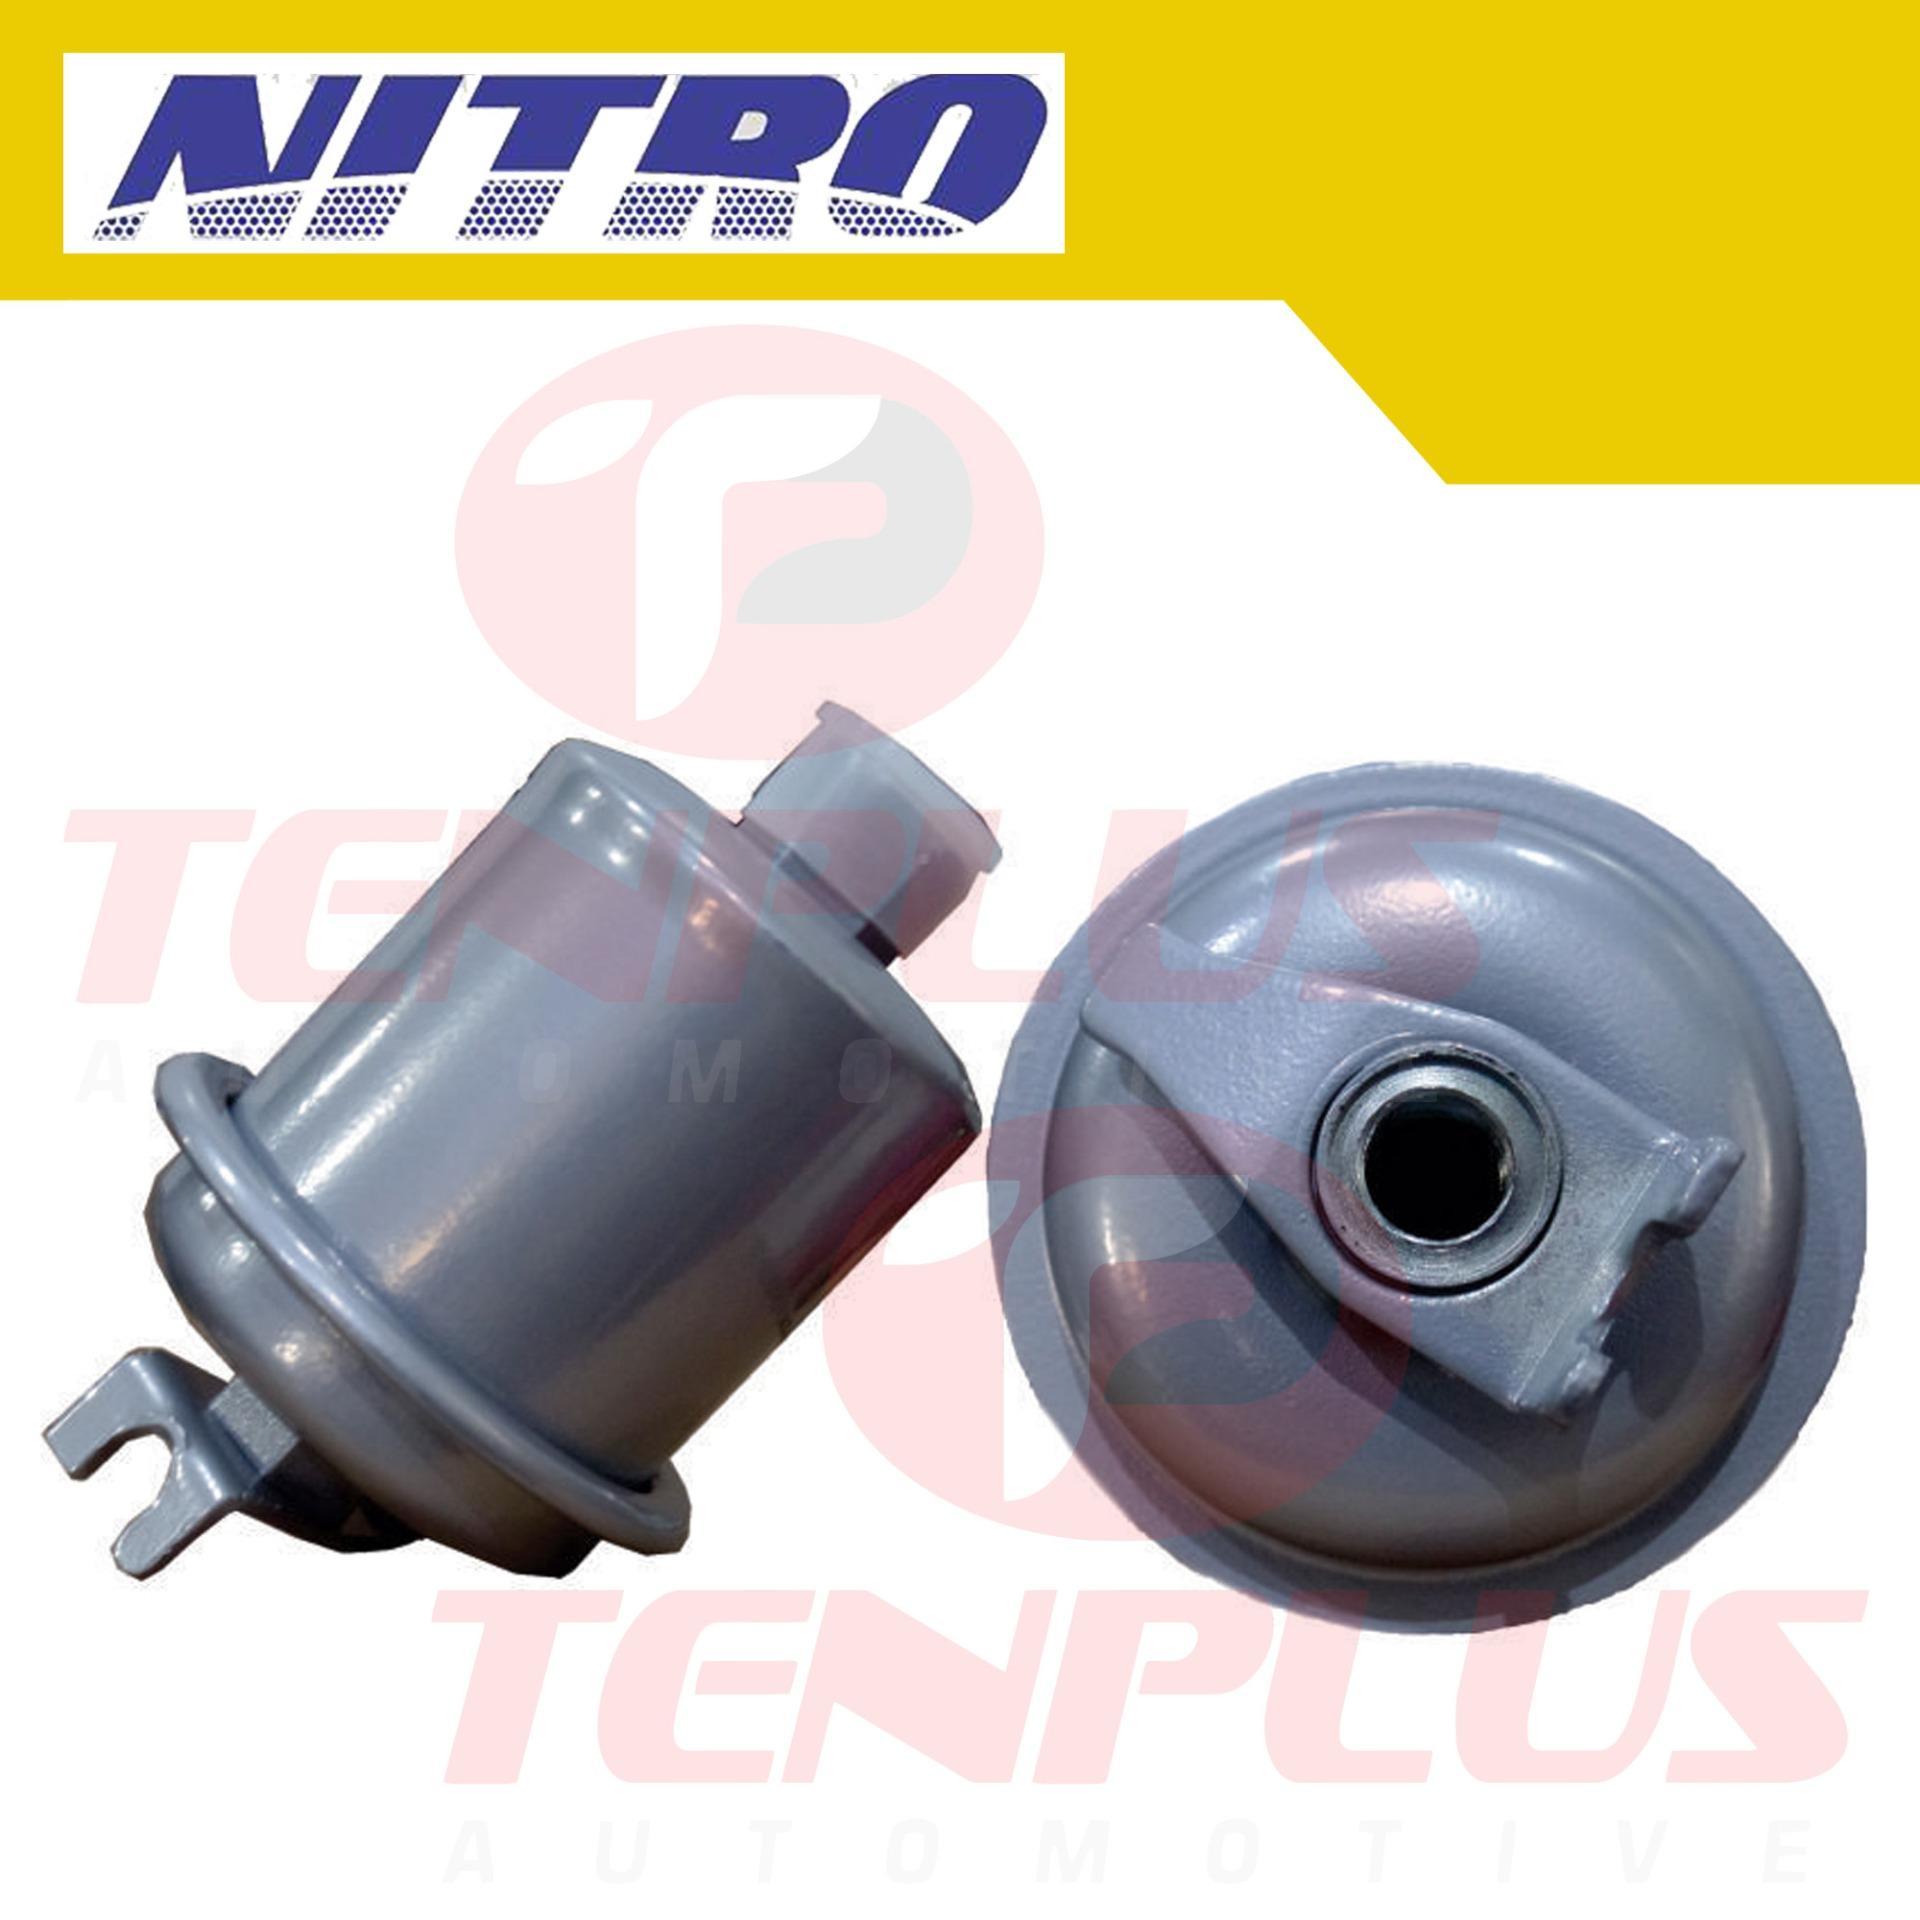 hight resolution of nitro fuel filter honda vtec civic crv 97 00